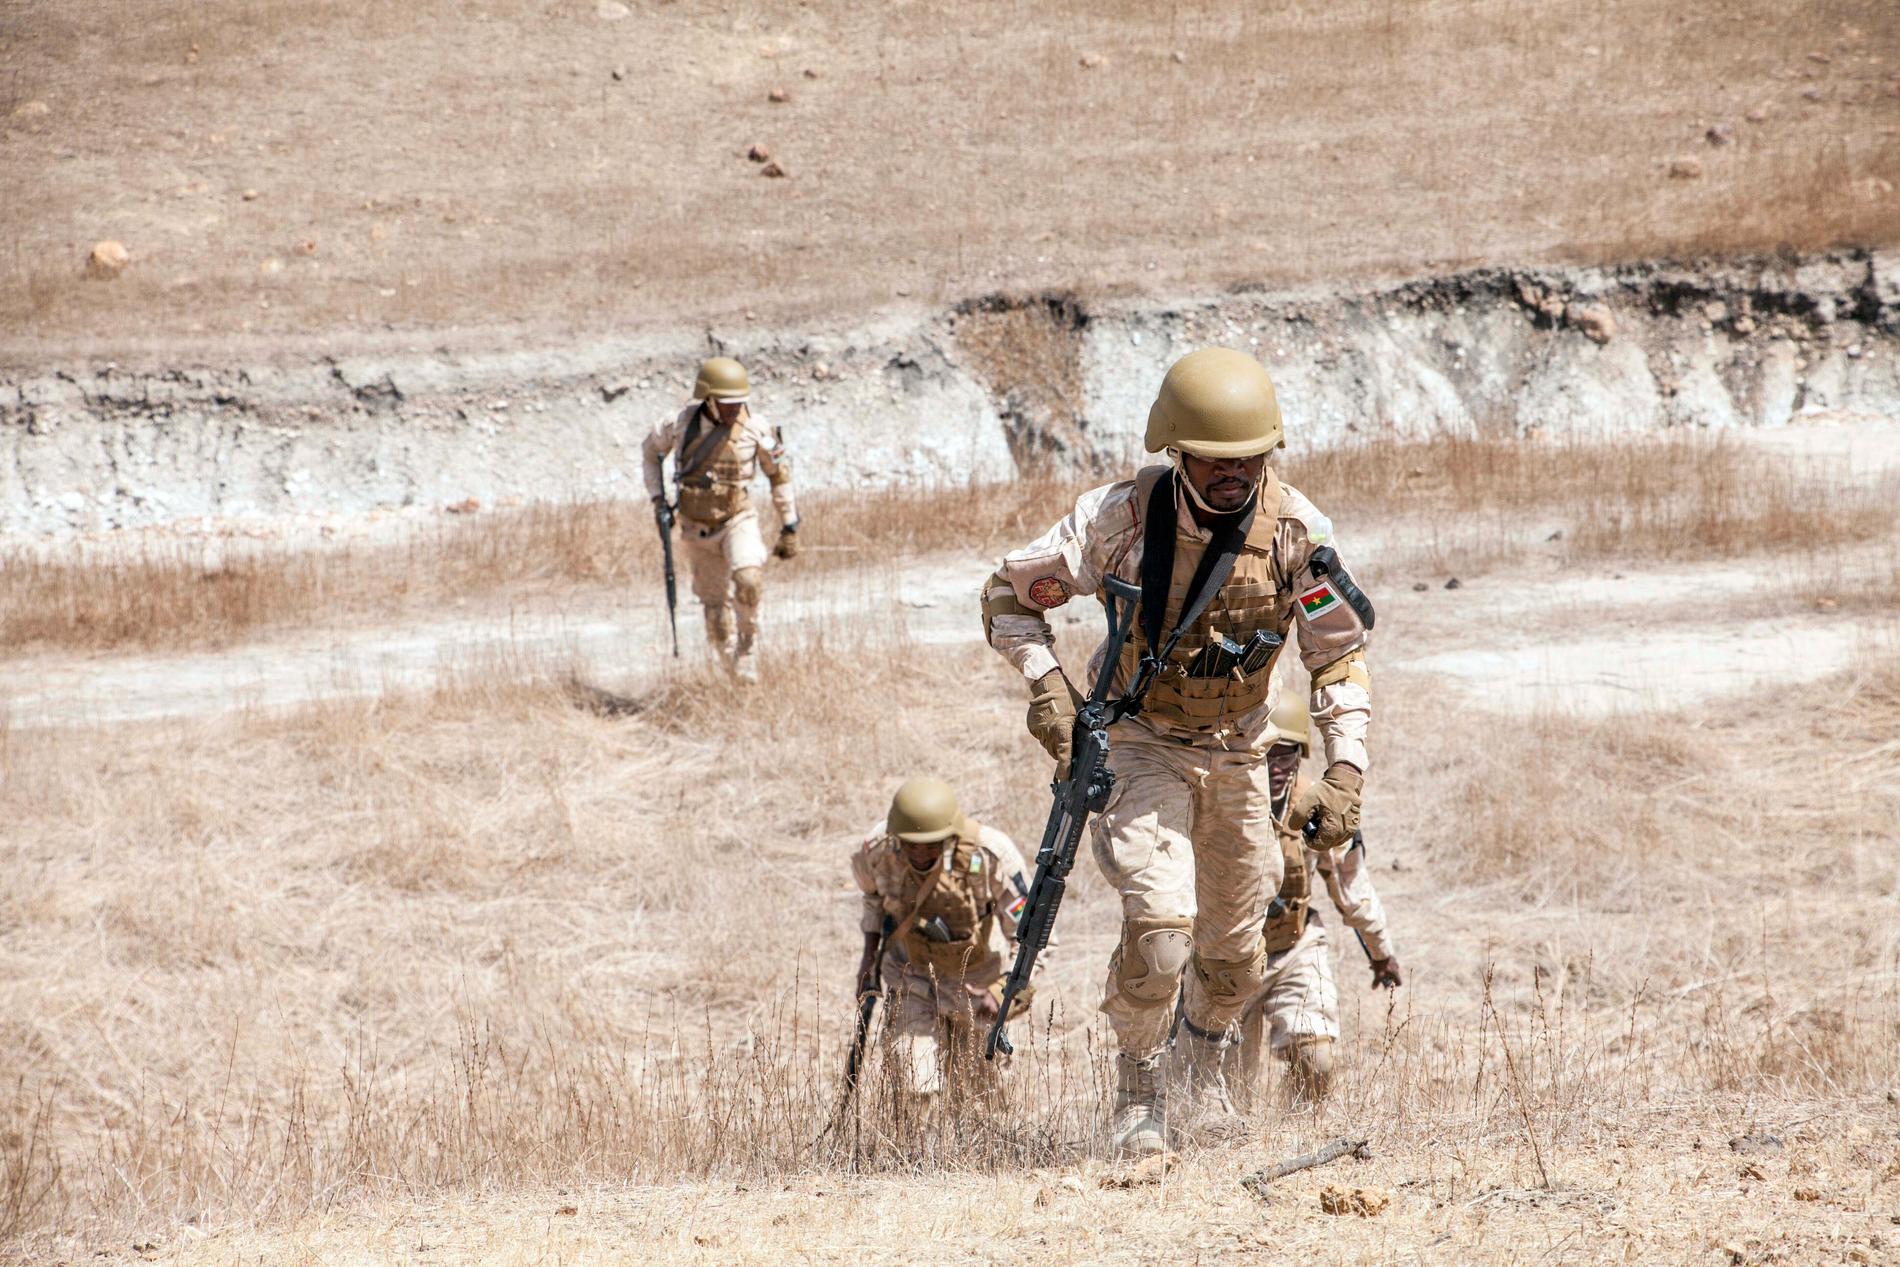 Burkinska soldater vid en militärövning tidigare i år. Arkivbild.